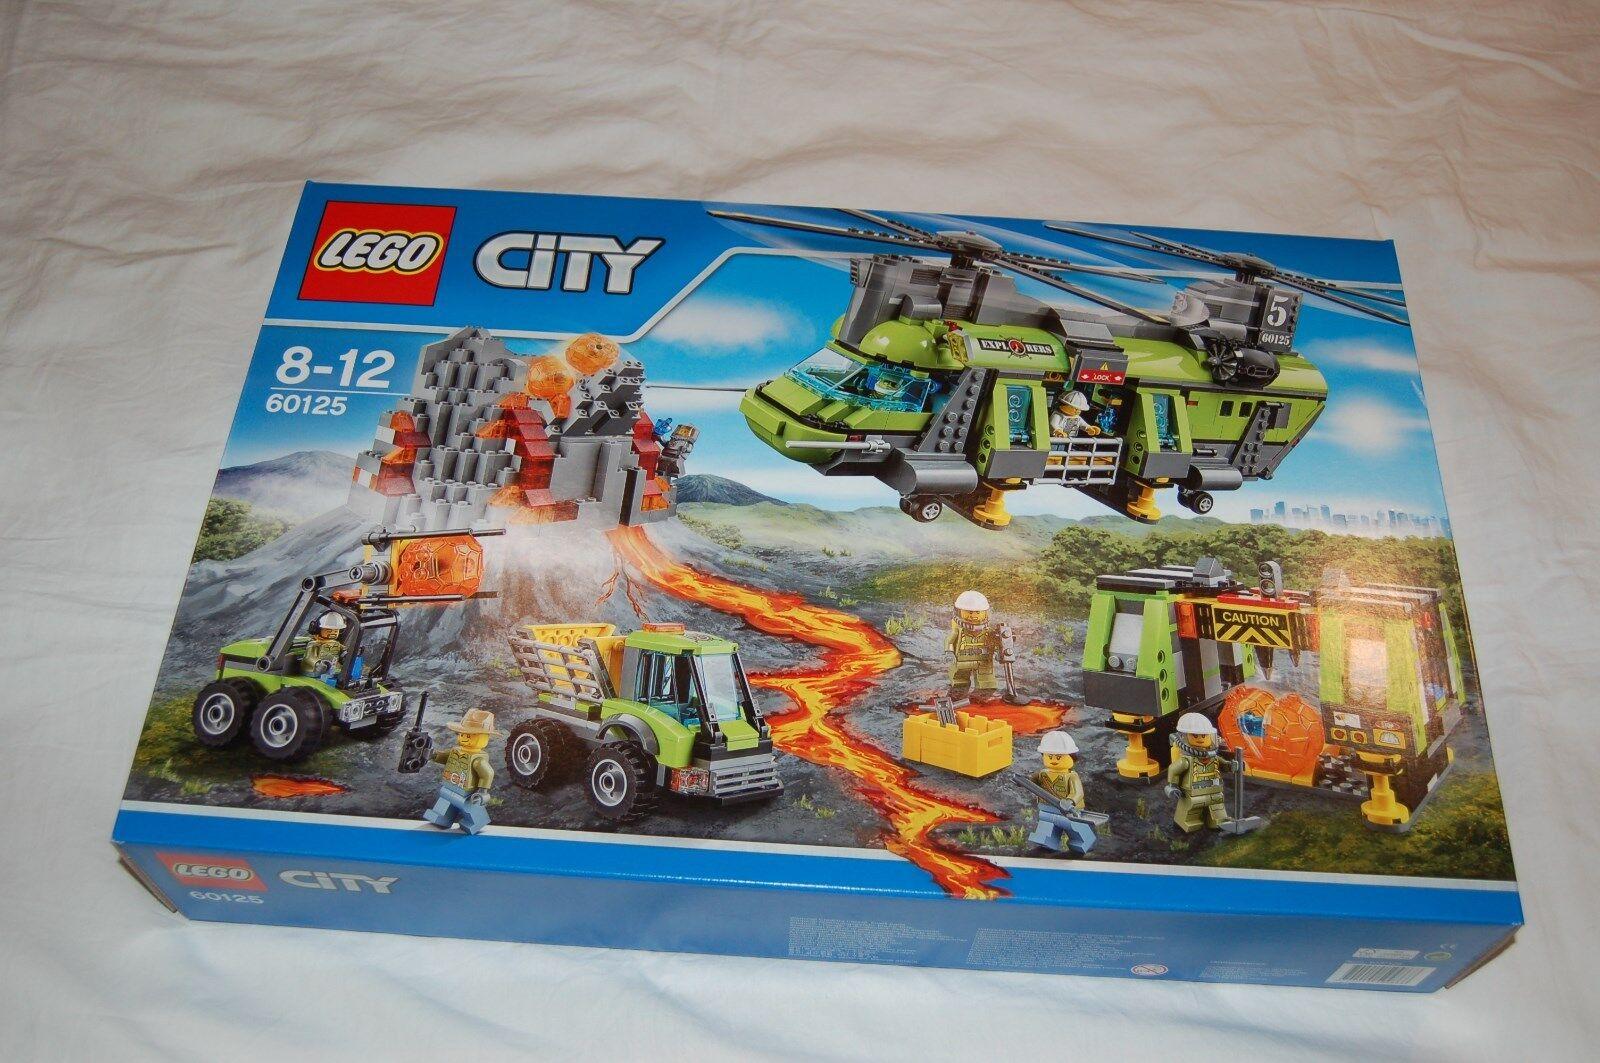 LEGO CITY 60125 Vulkan Schwerlast-Hubschrauber NEU  passt zu 60124 60124 60124 60122 60123 398456